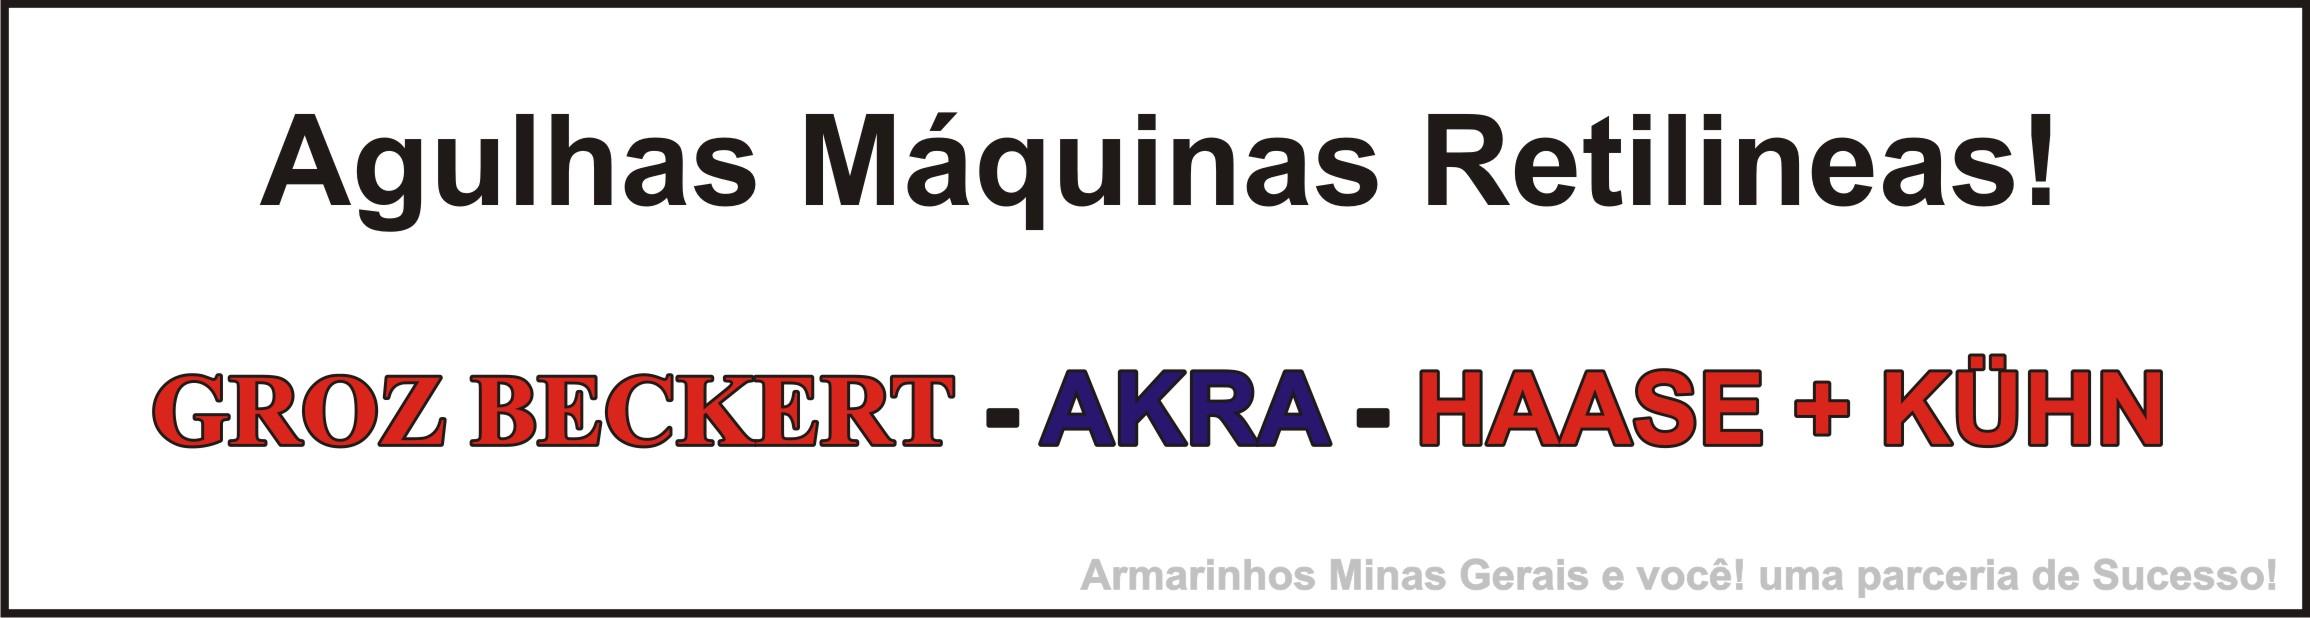 banner_armarinhos_minas_gerais_agulhas_maquinas_retilineas.jpg